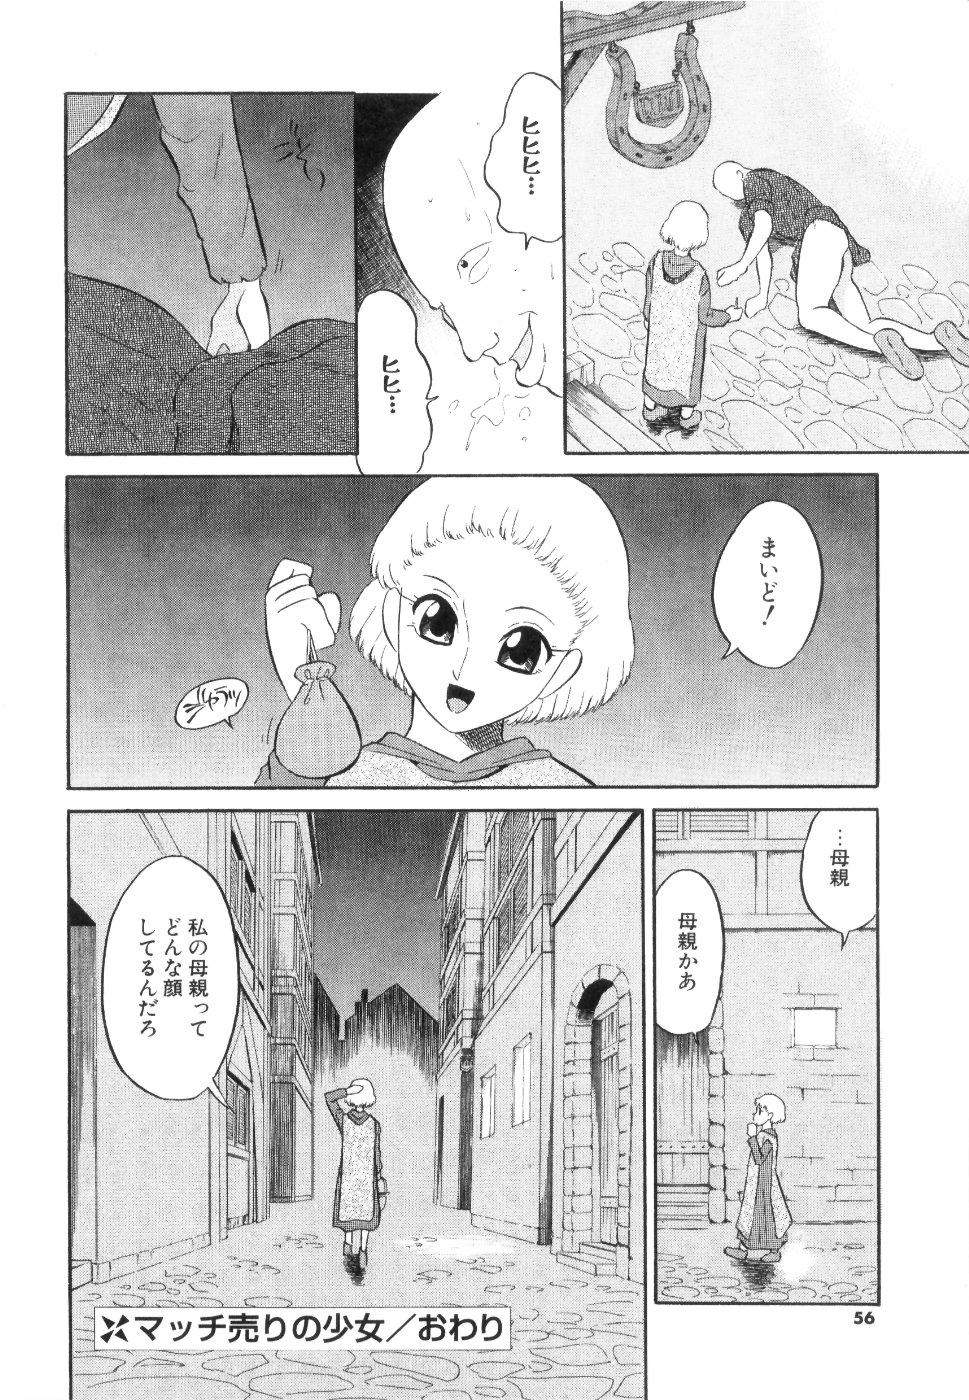 [Dozamura] Doguu -Dozamura Guuwa- Kuro 56